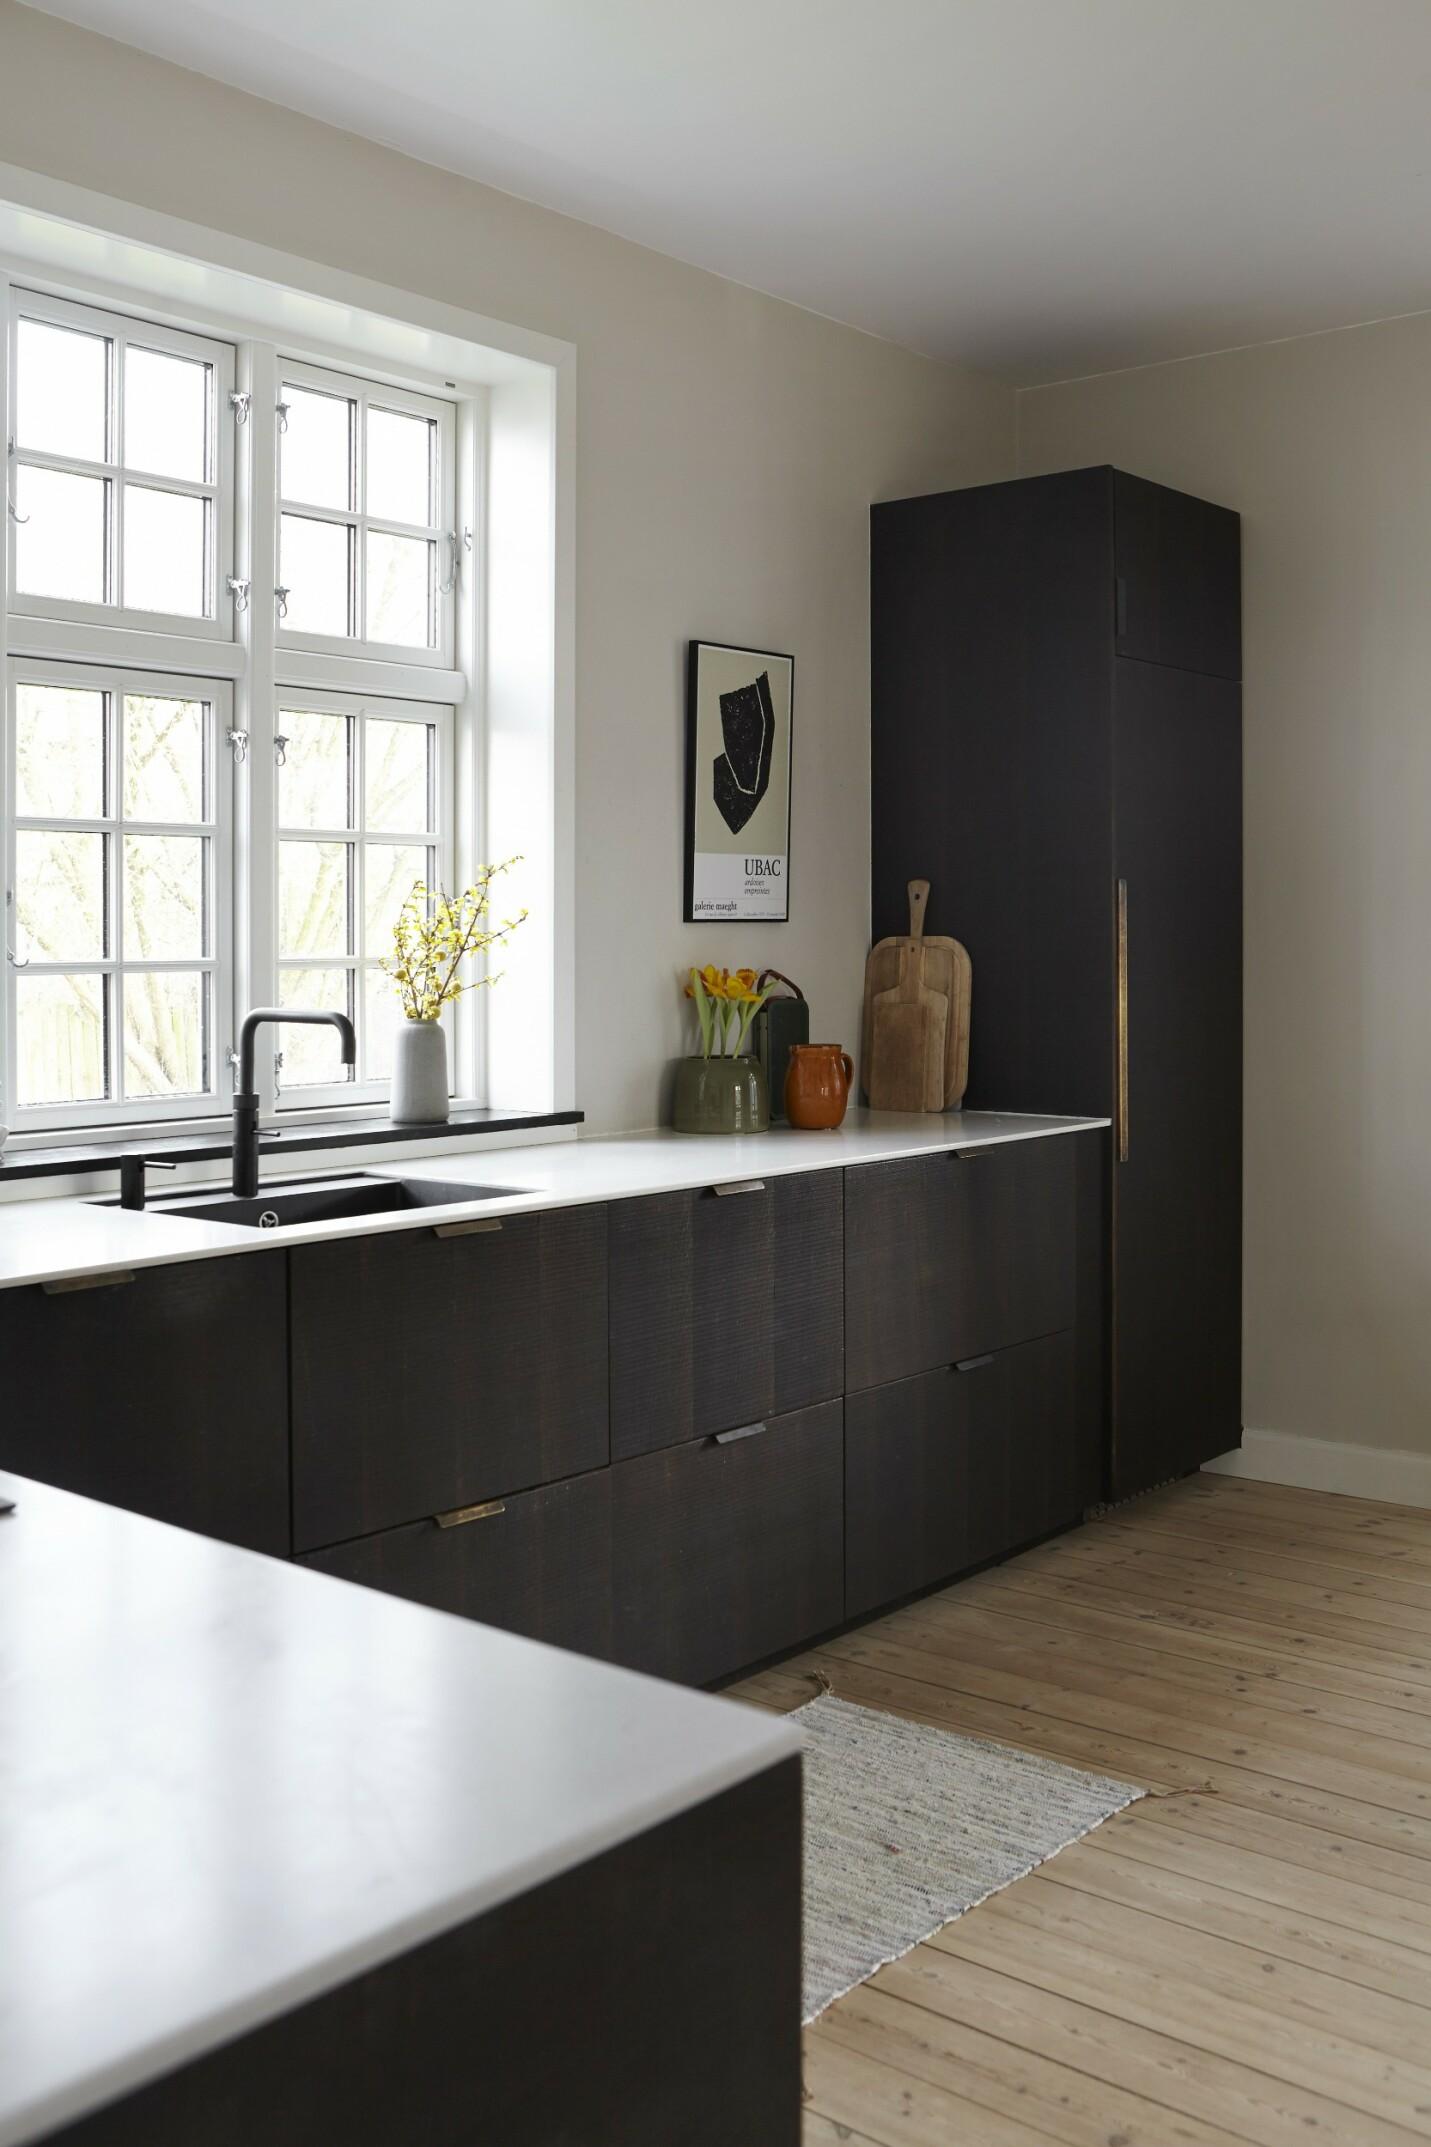 Kjøkkenet i røkt eik gir kontrast til husets gamle detaljer i både stil og farge.